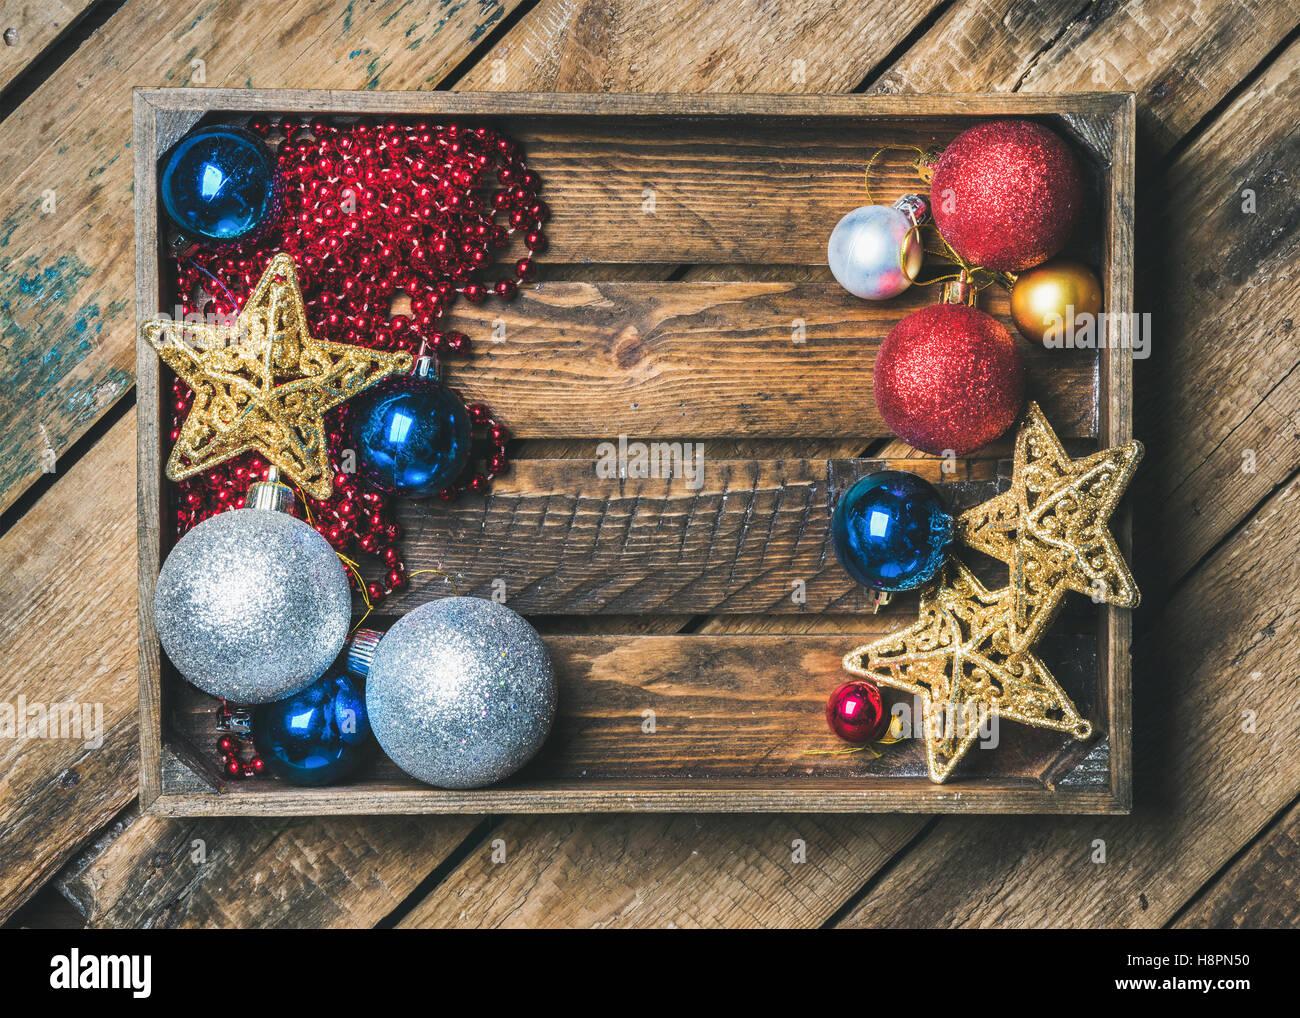 Weihnachten oder Silvester Urlaub Dekoration Hintergrund, Textfreiraum Stockbild